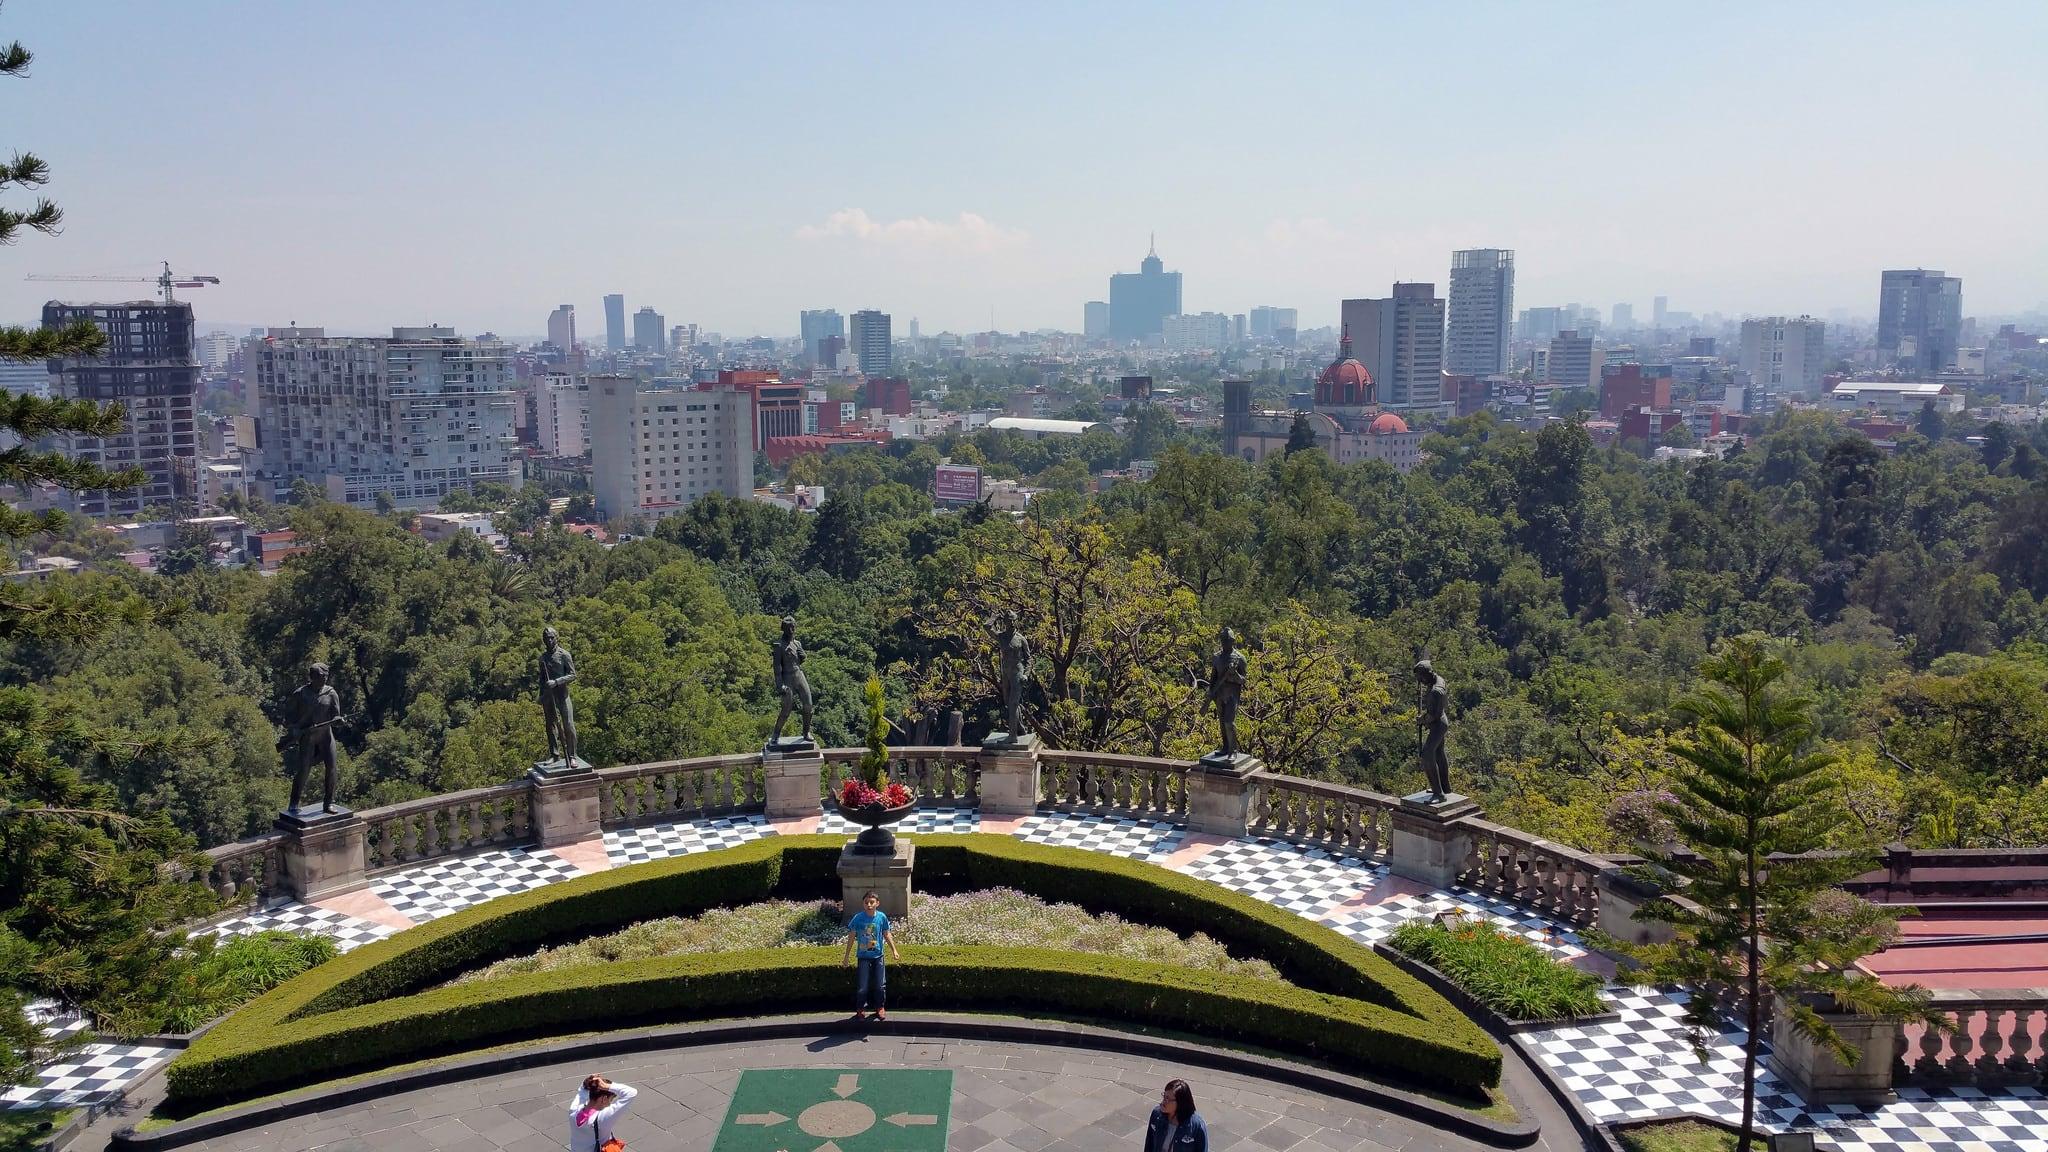 Monumento a los Niños Héroes の画像. city méxico mexico df arte ciudad museo castillo chapultepec porfiriodíaz maximiliano